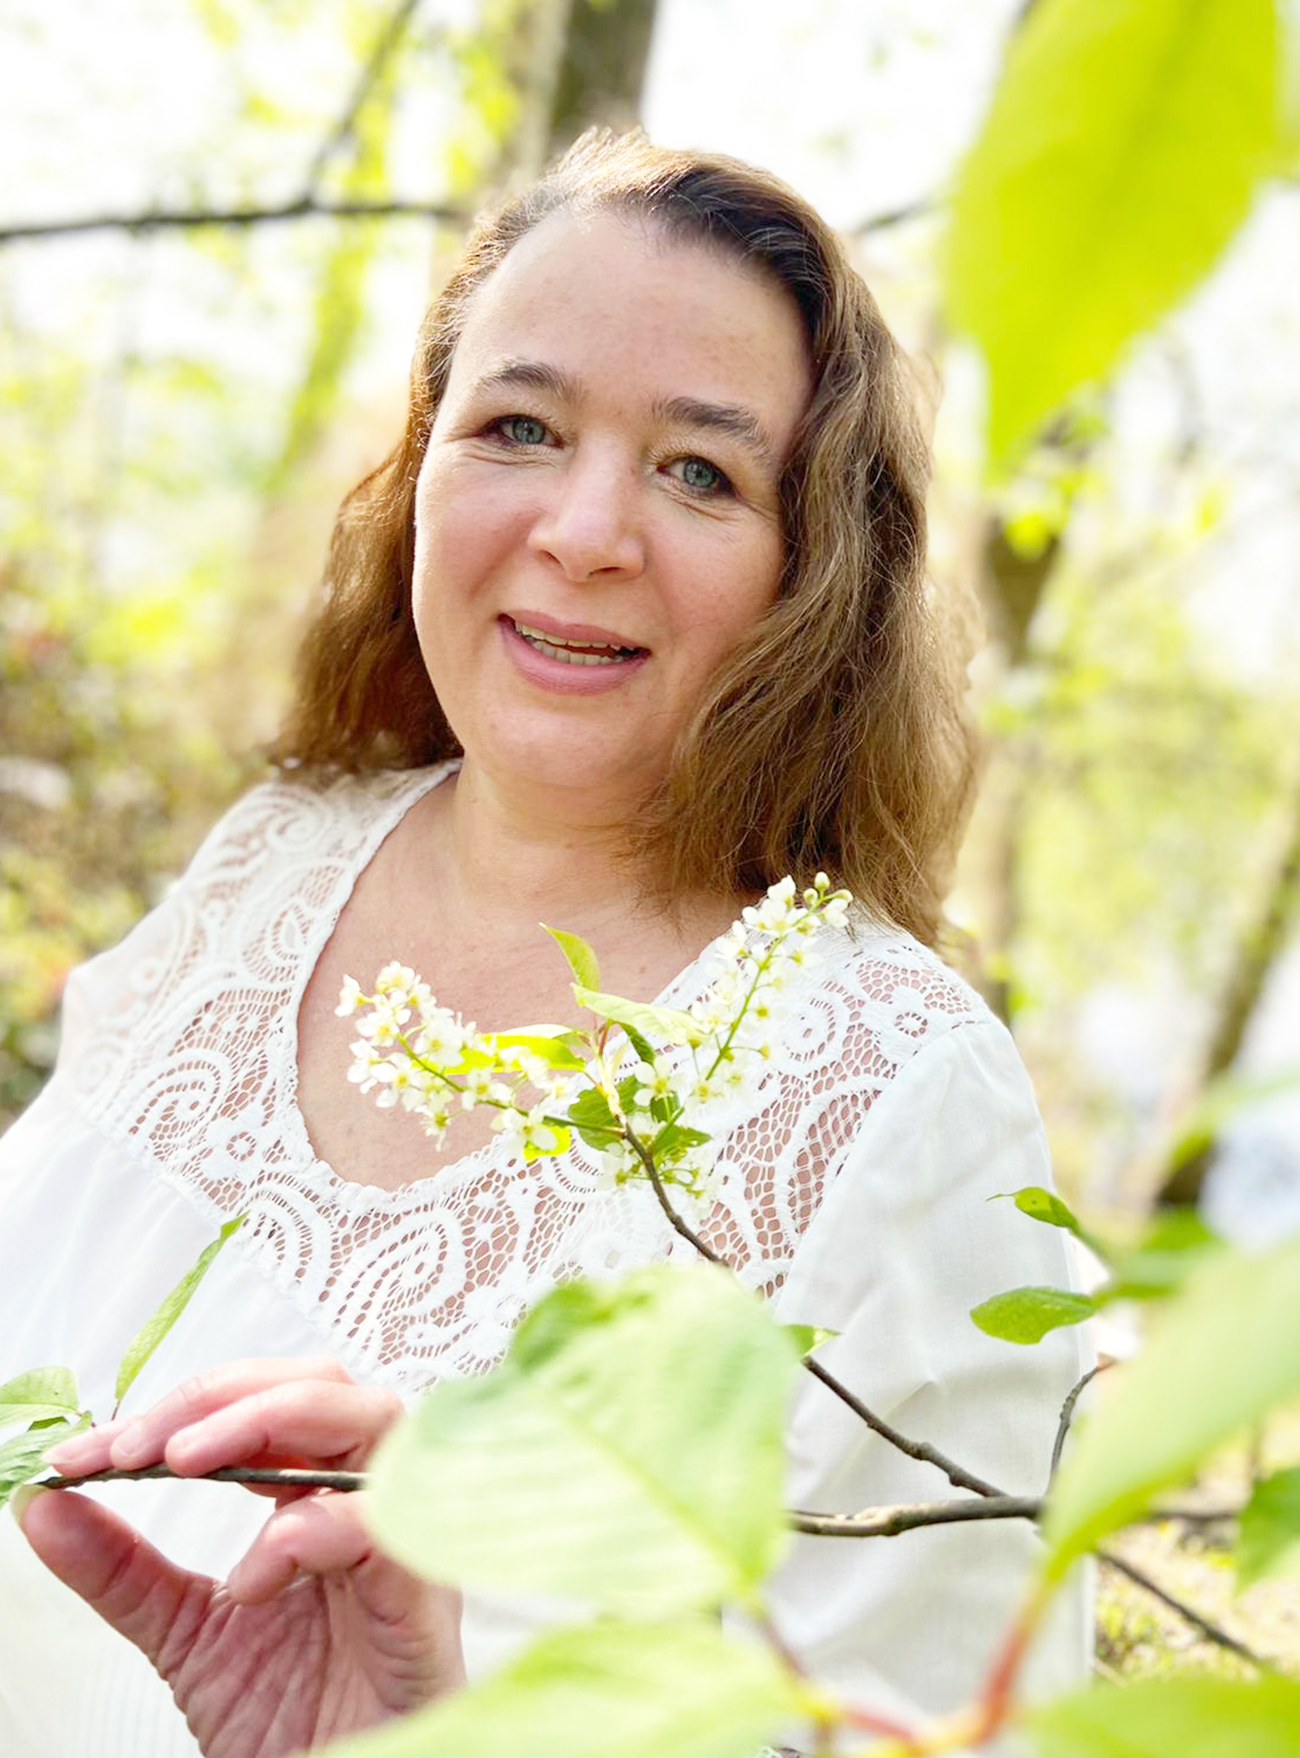 Julia Adler